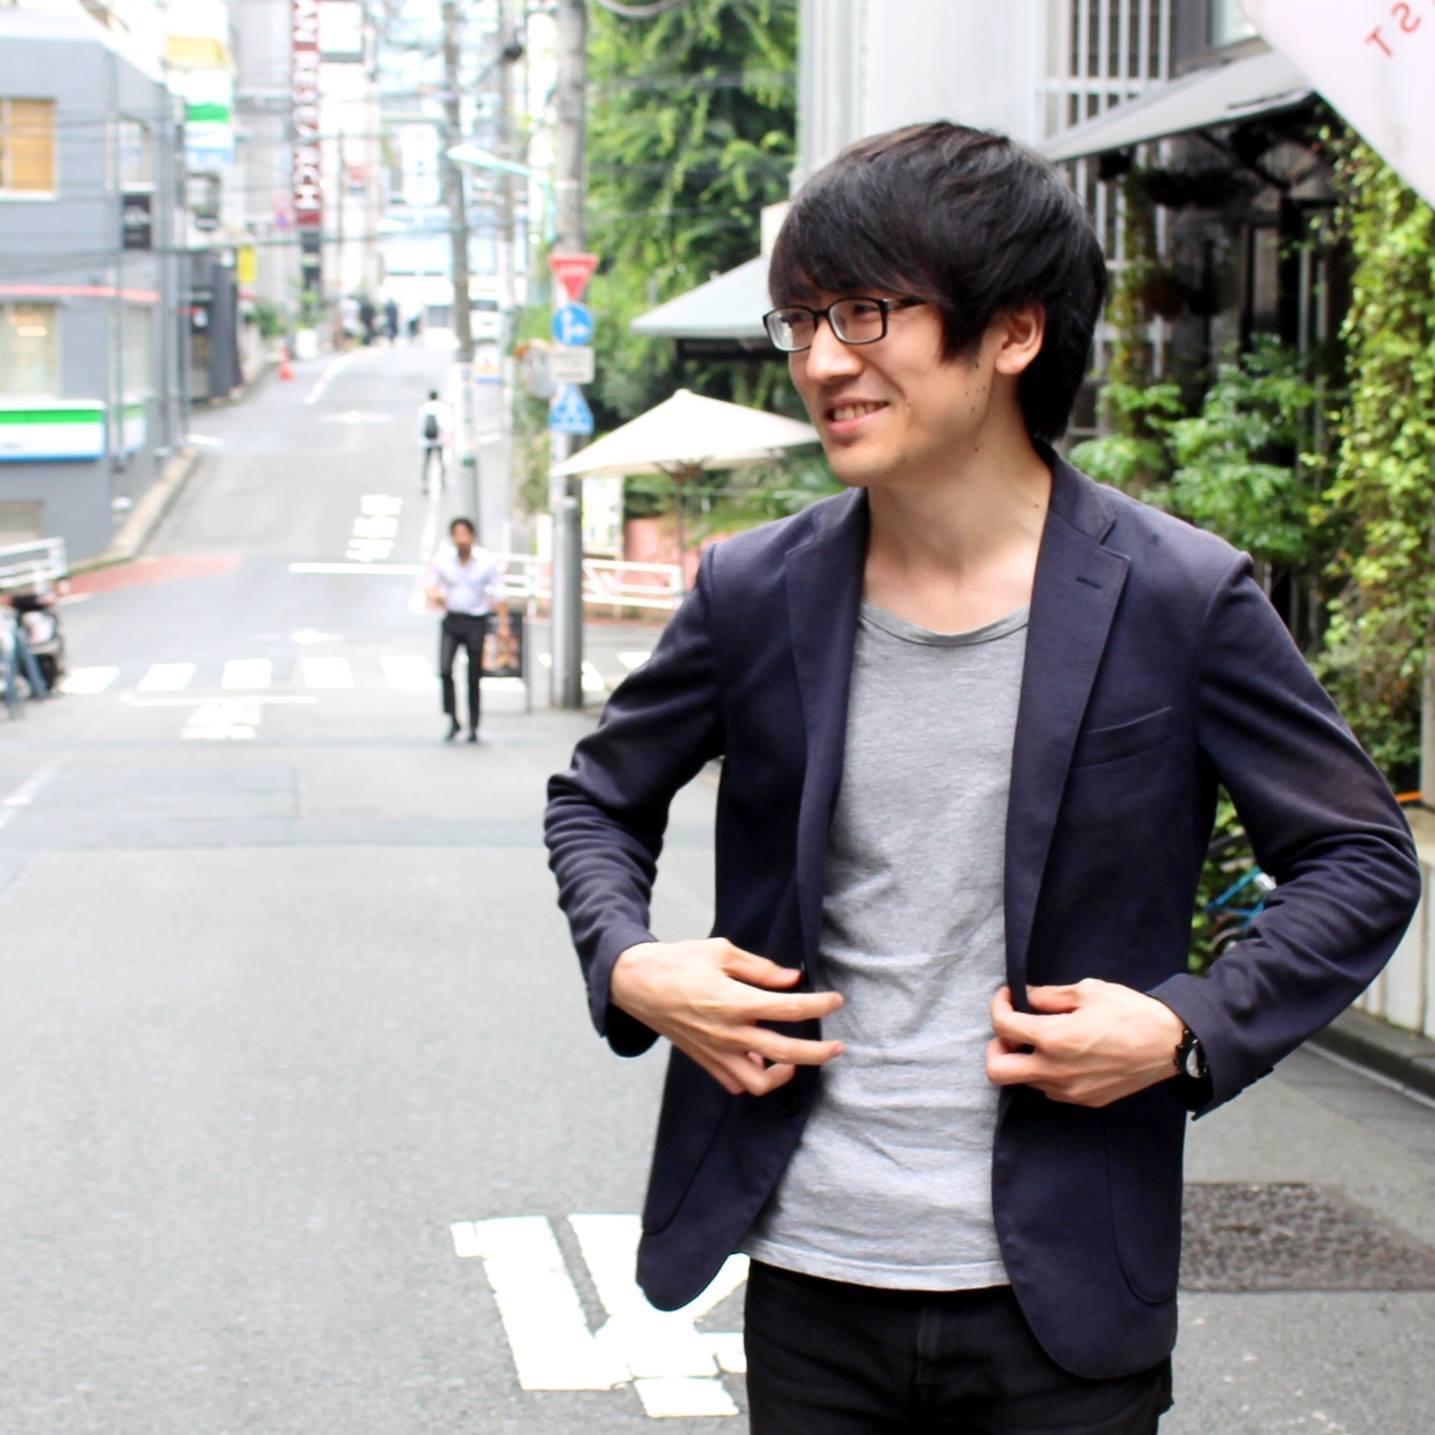 65歳以上に特化した賃貸情報サイト『R65不動産』を運営する山本さんが自分ごととして作る未来。